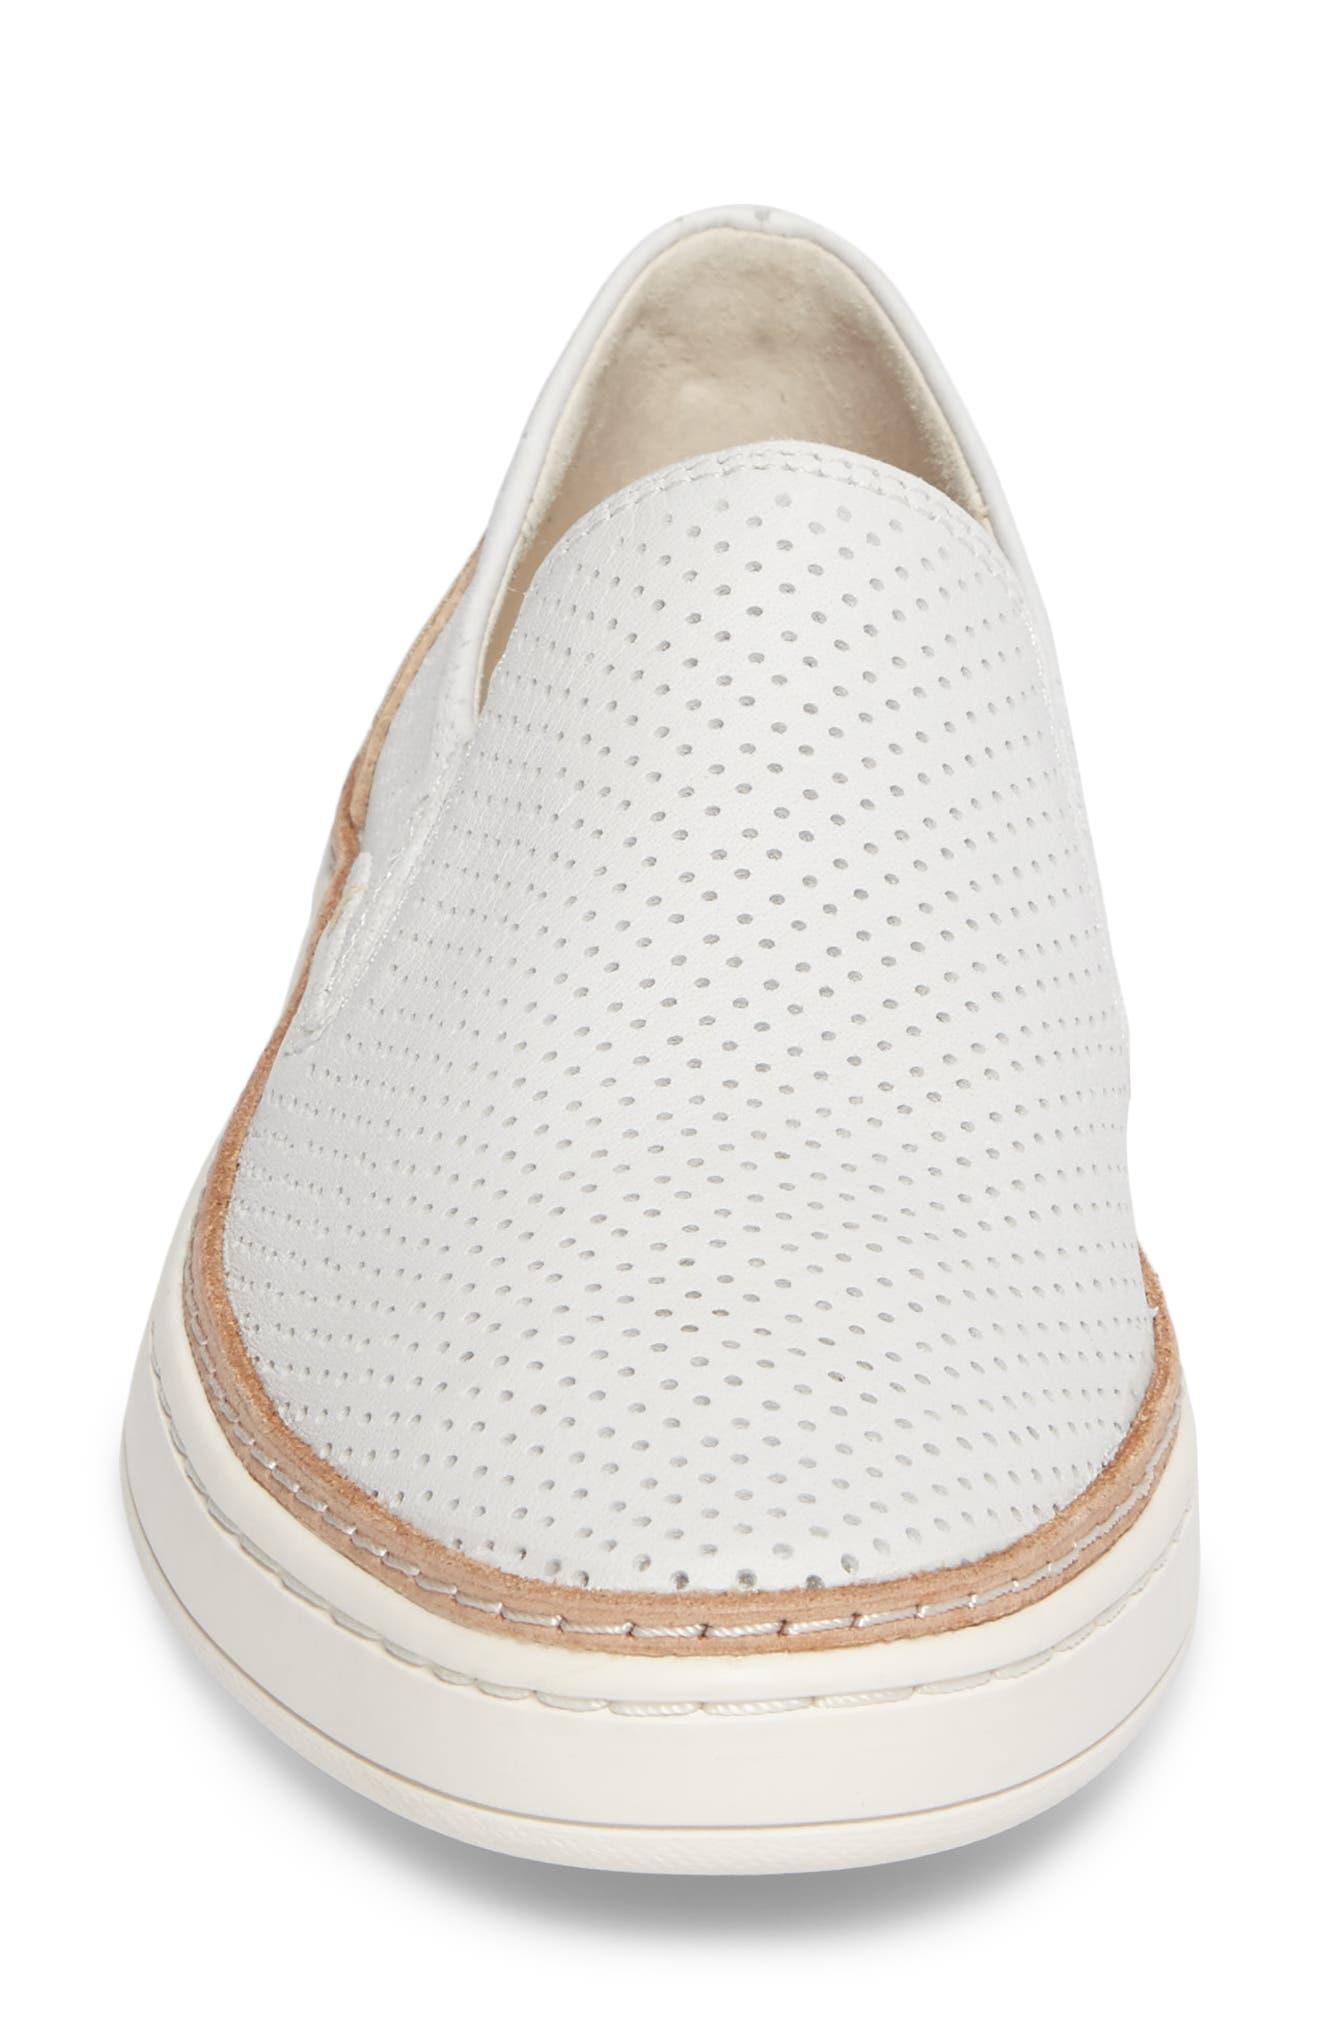 Adley Slip-On Sneaker,                             Alternate thumbnail 38, color,